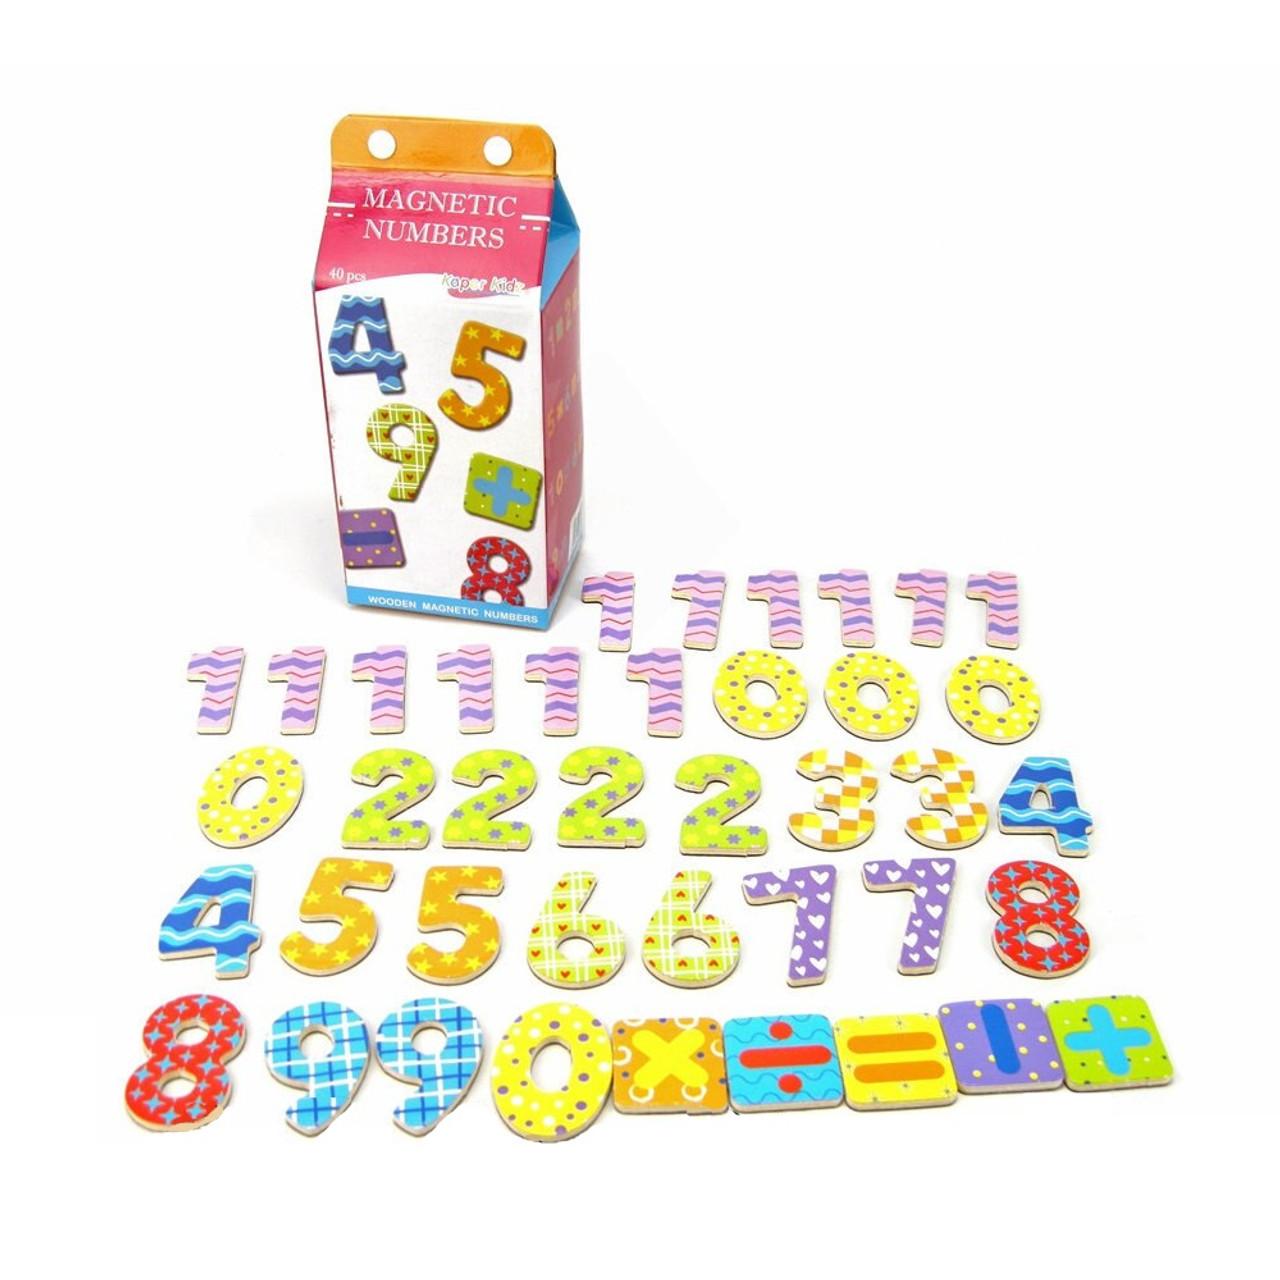 Kaper Kidz Milk Carton Wooden Magnetic Numbers 40 Pieces